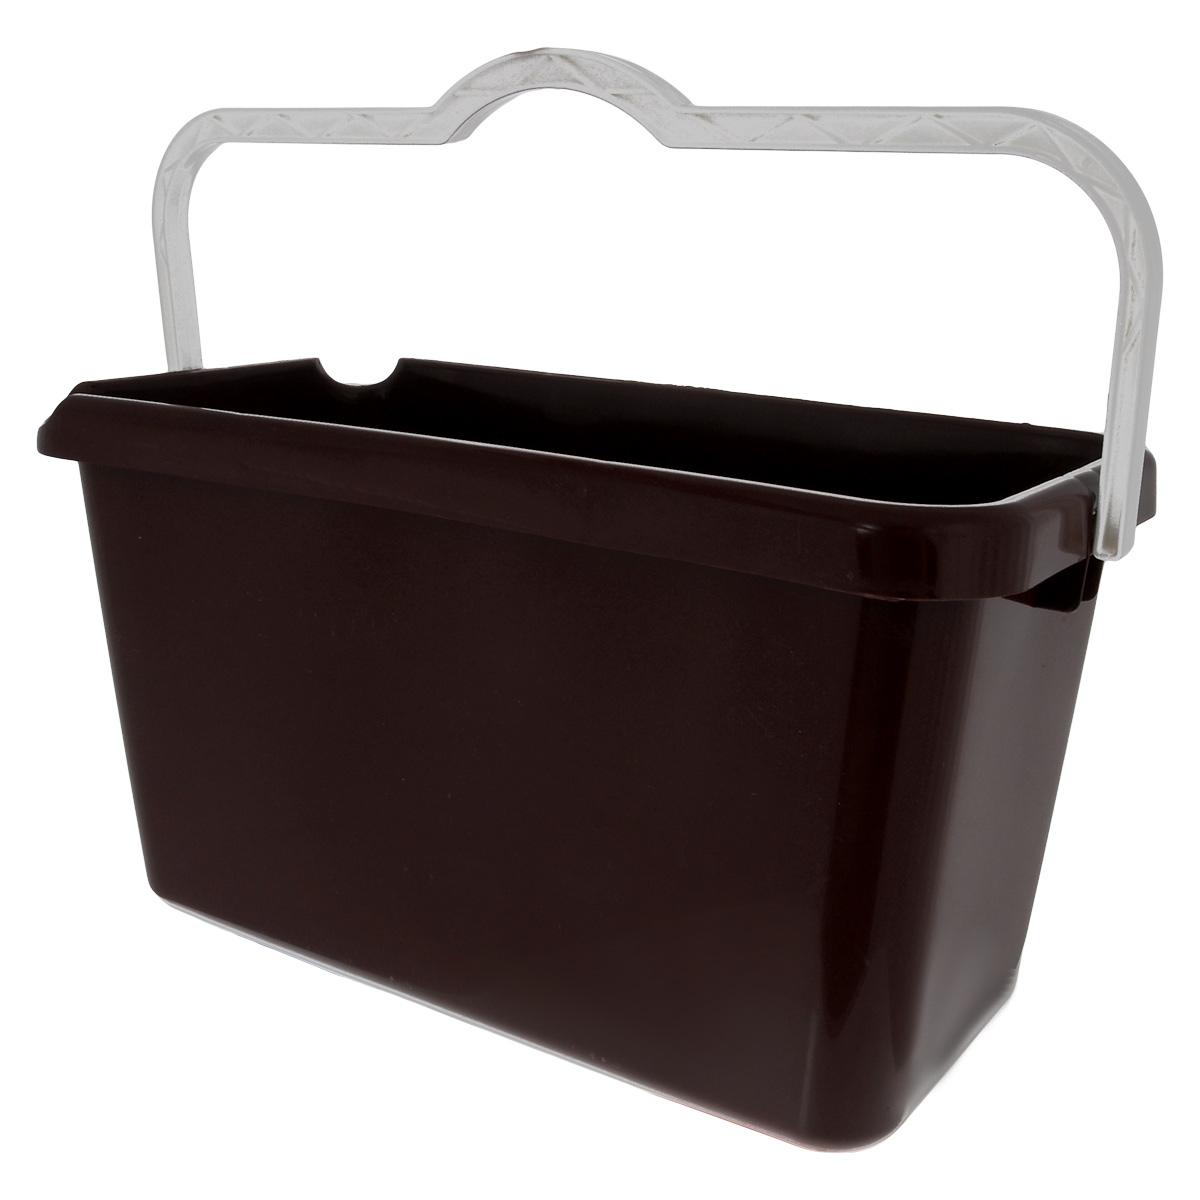 Ведро Альтернатива Эконом, прямоугольное, цвет: коричневый, белый, 14 лM3078 коричневыйВедро Альтернатива Эконом изготовлено из высококачественного цветного пластика прямоугольной формы. Оно легче железного и не подвержено коррозии. Ведро оснащено удобной пластиковой ручкой и двумя носиками для удобного выливания воды. Такое ведро станет незаменимым помощником в хозяйстве.